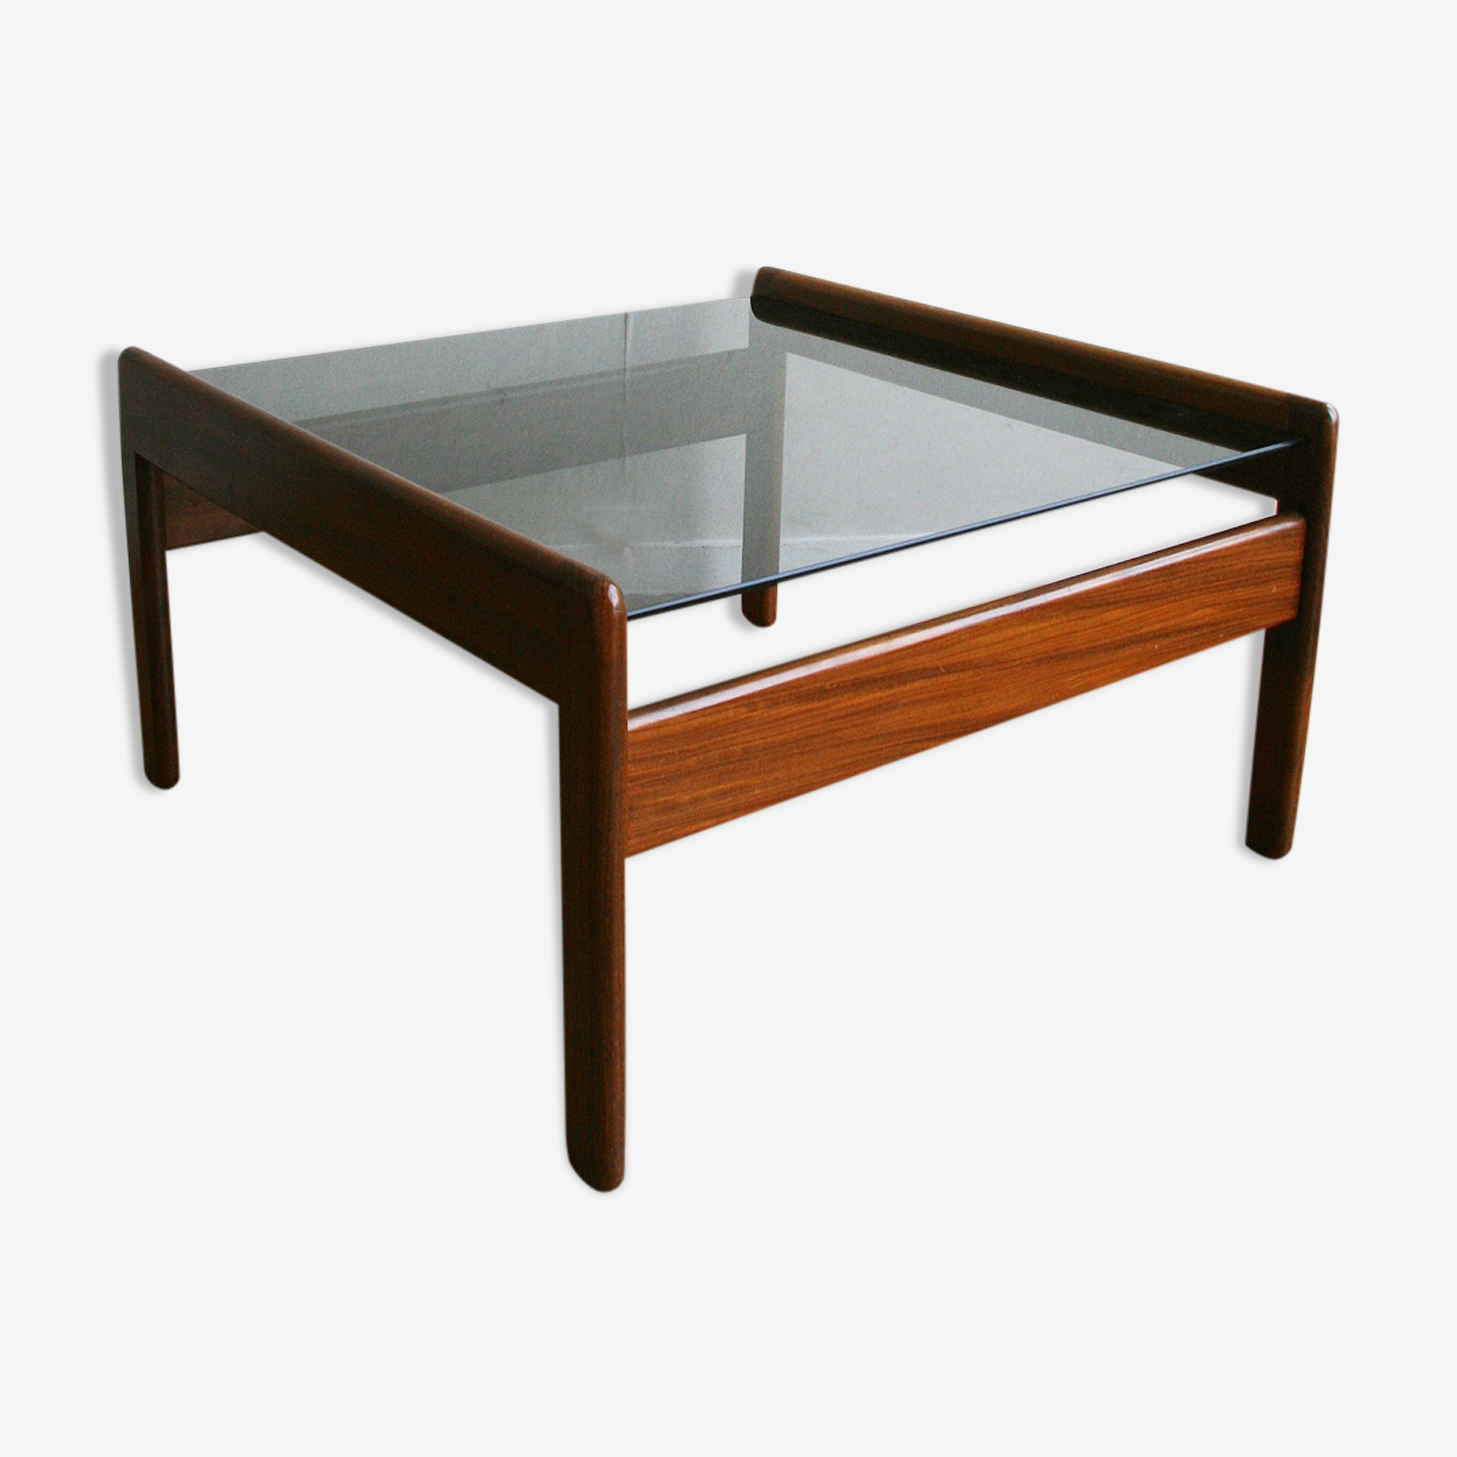 Table basse teck et verre fumé - 1970